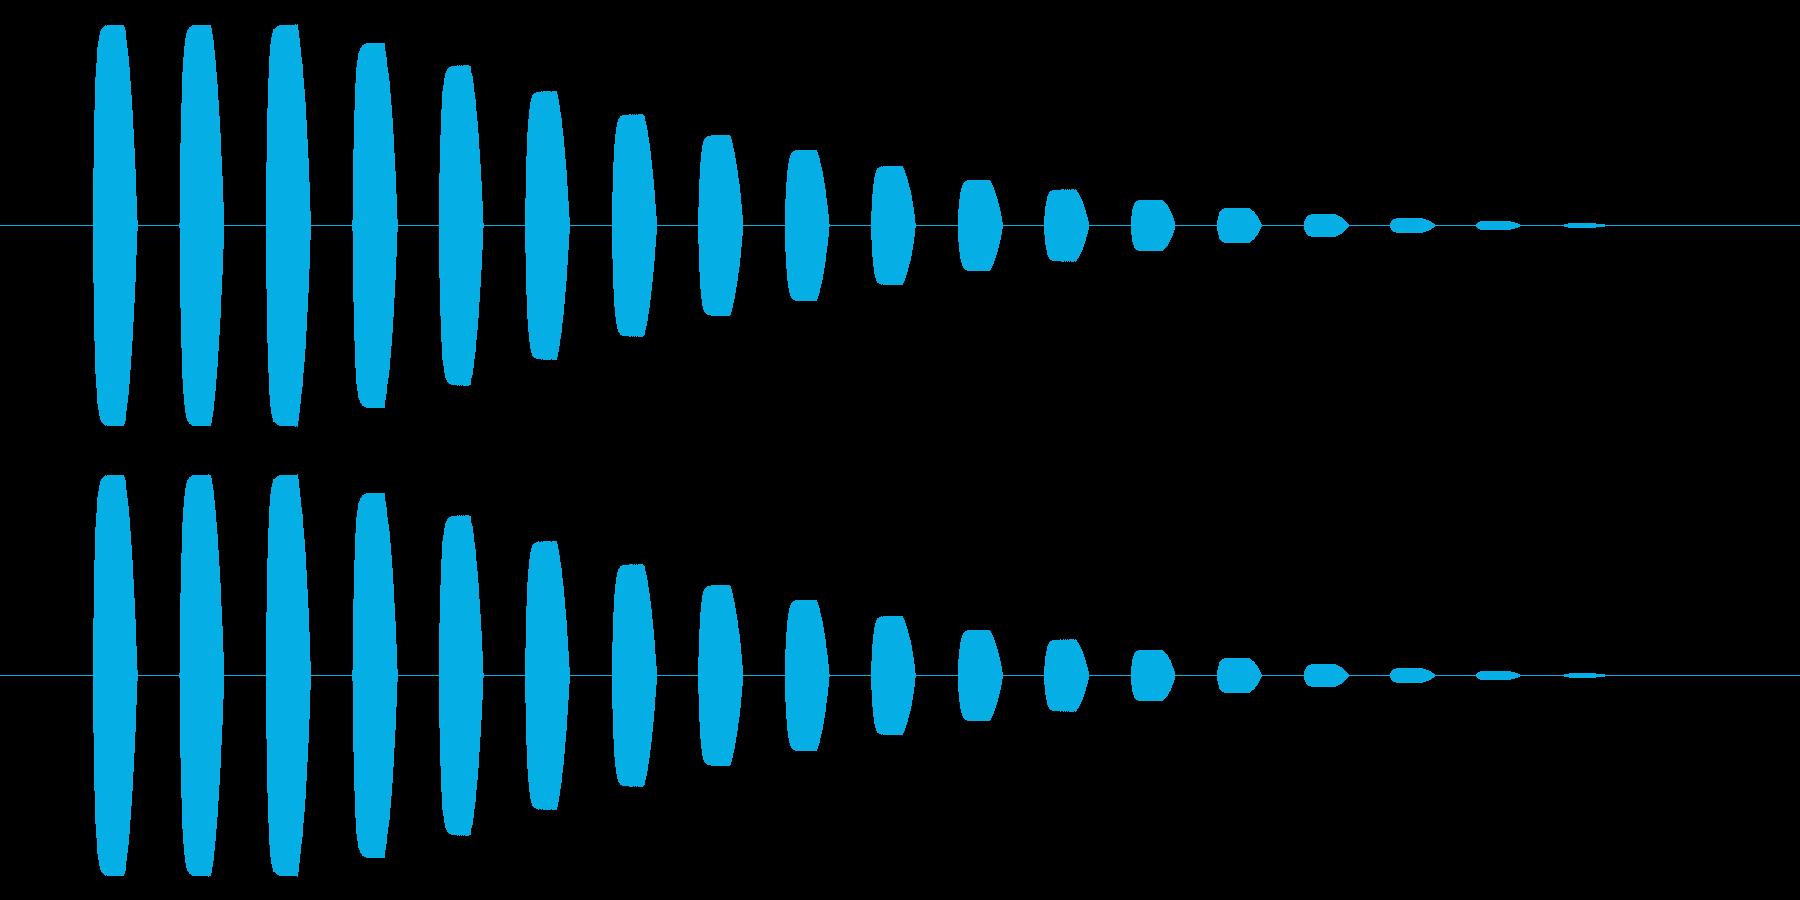 横断歩道 誘導音03-5の再生済みの波形